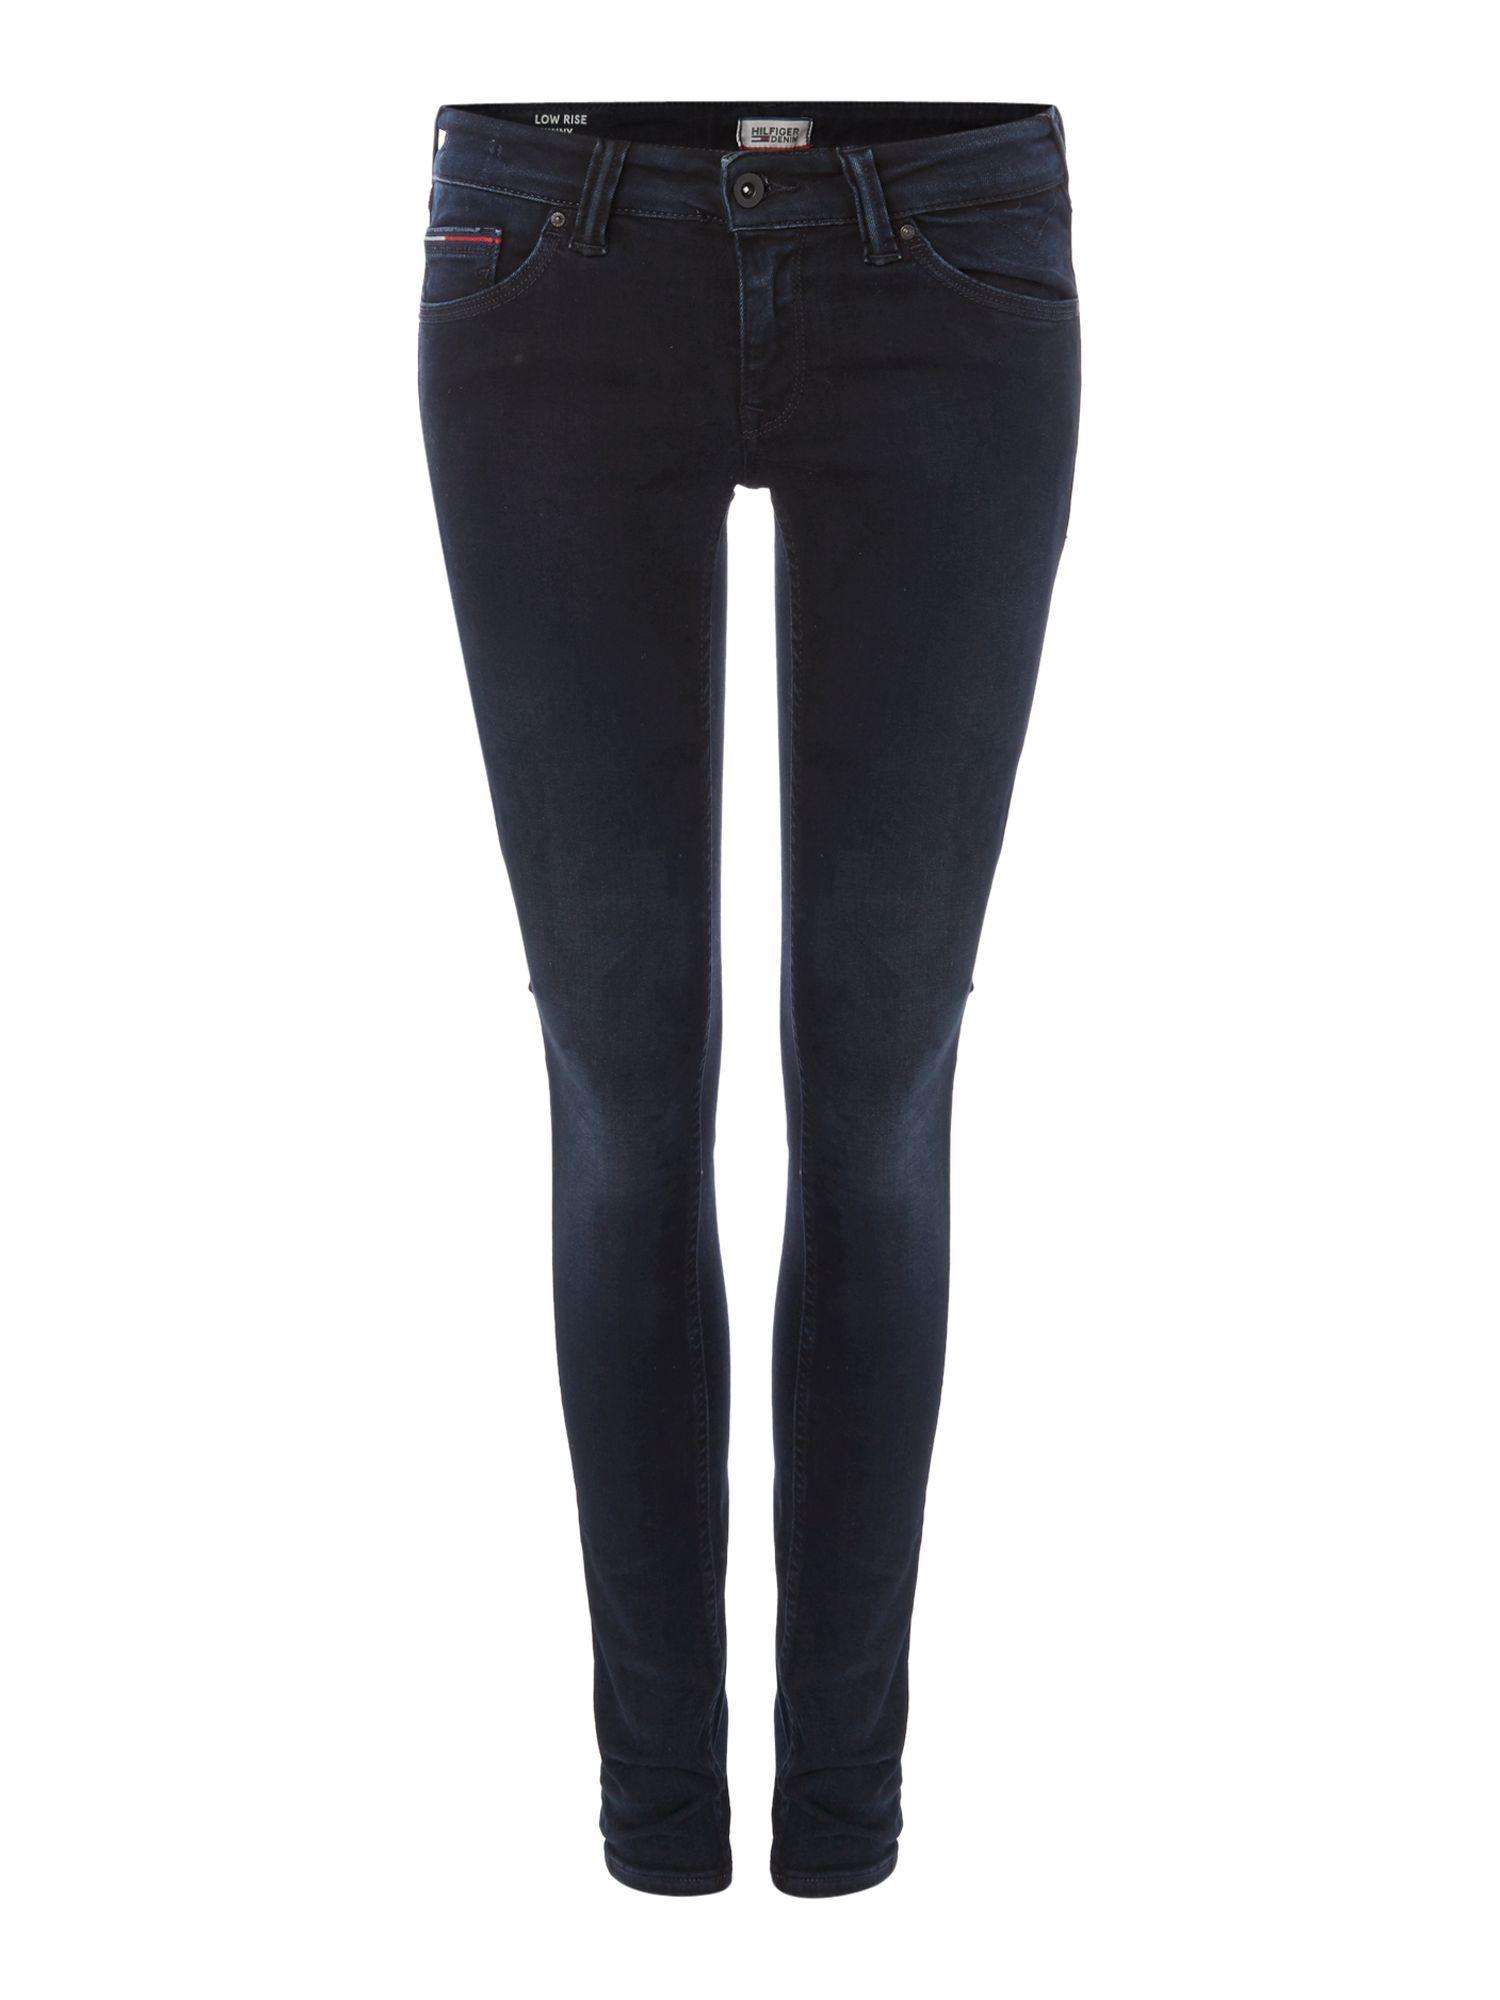 tommy hilfiger low rise skinny sophie dybbk jeans in black. Black Bedroom Furniture Sets. Home Design Ideas